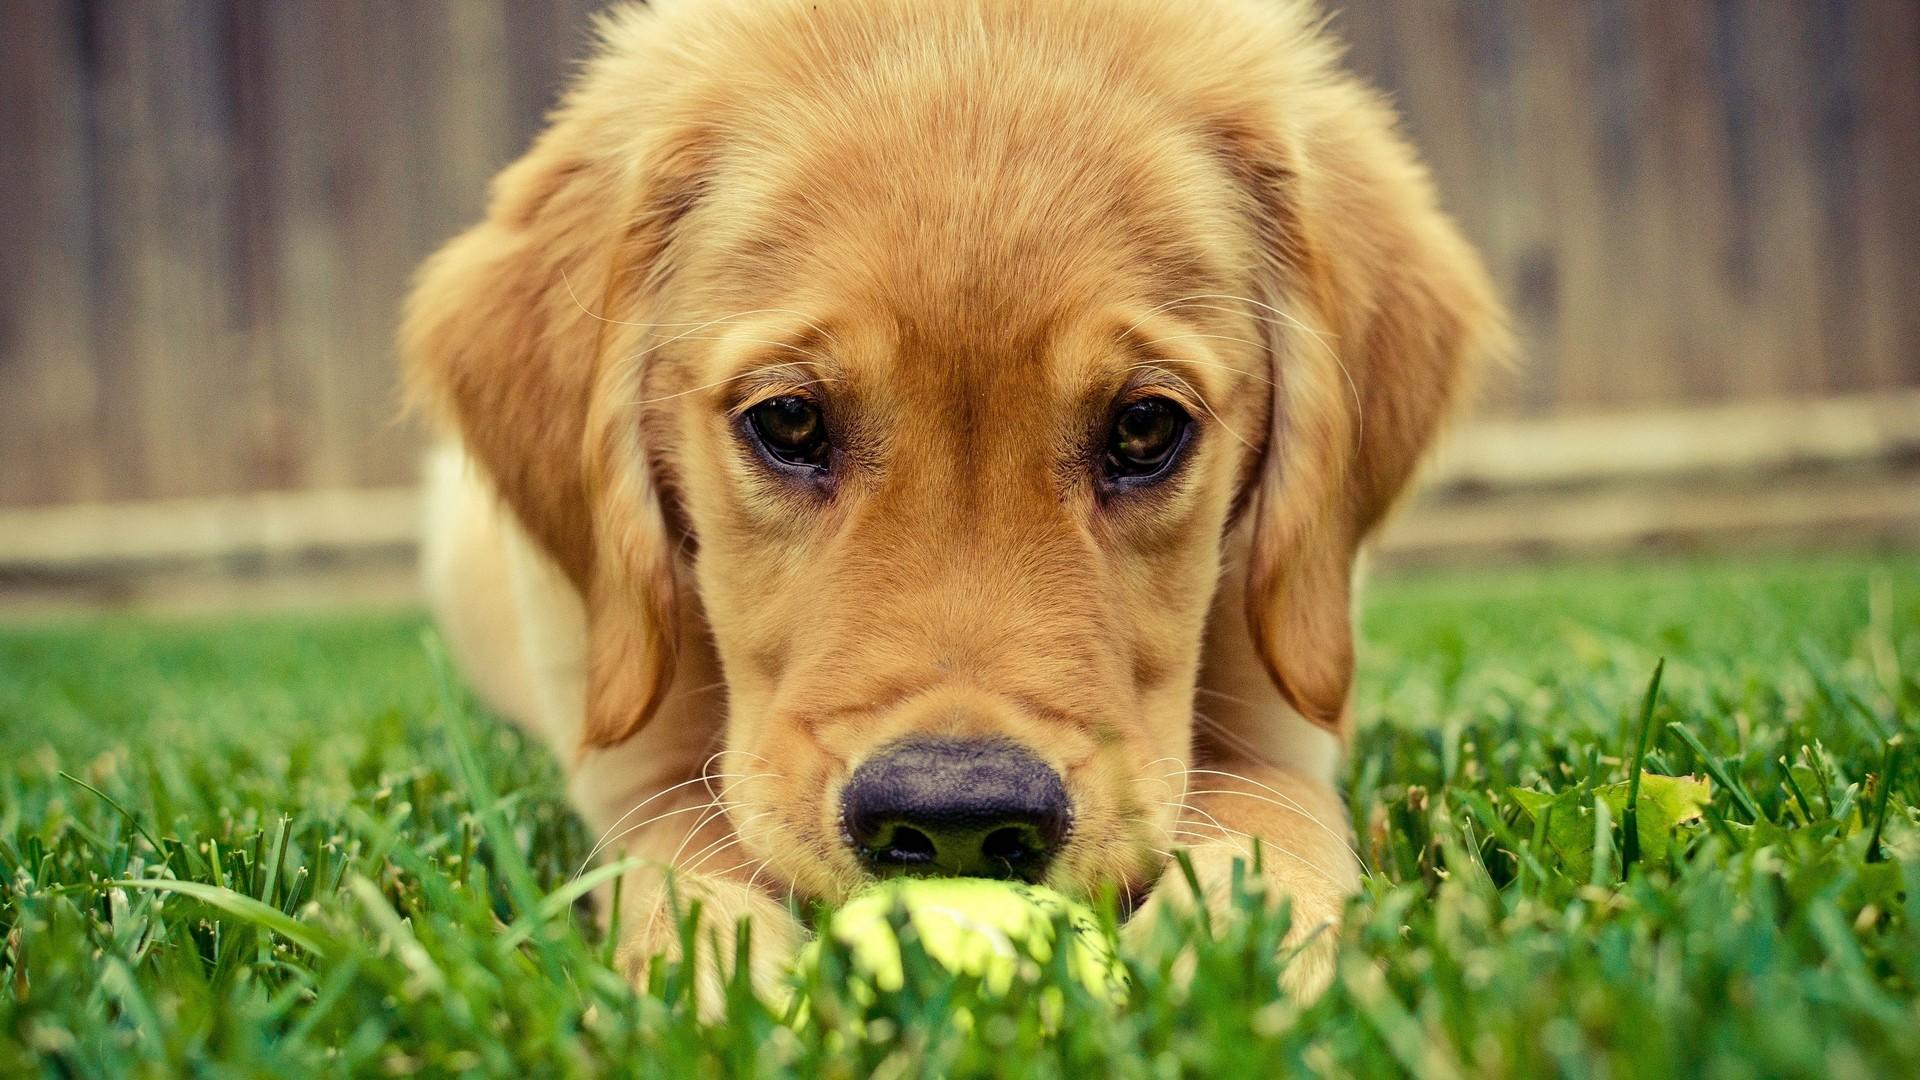 General 1920x1080 animals puppies grass dog mammals closeup outdoors